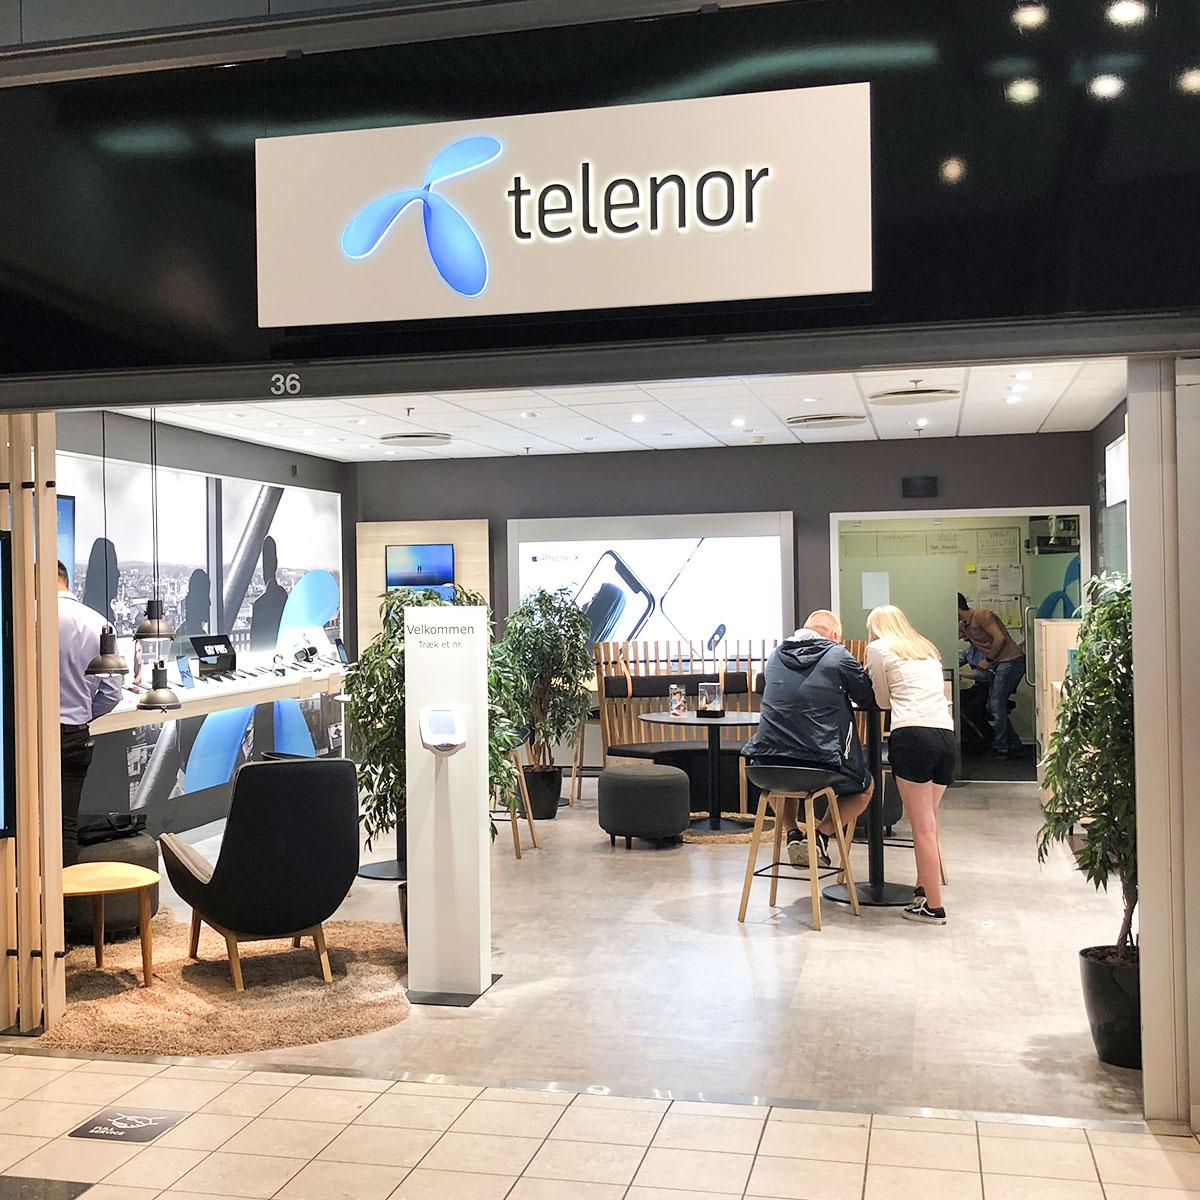 Telenor Facade